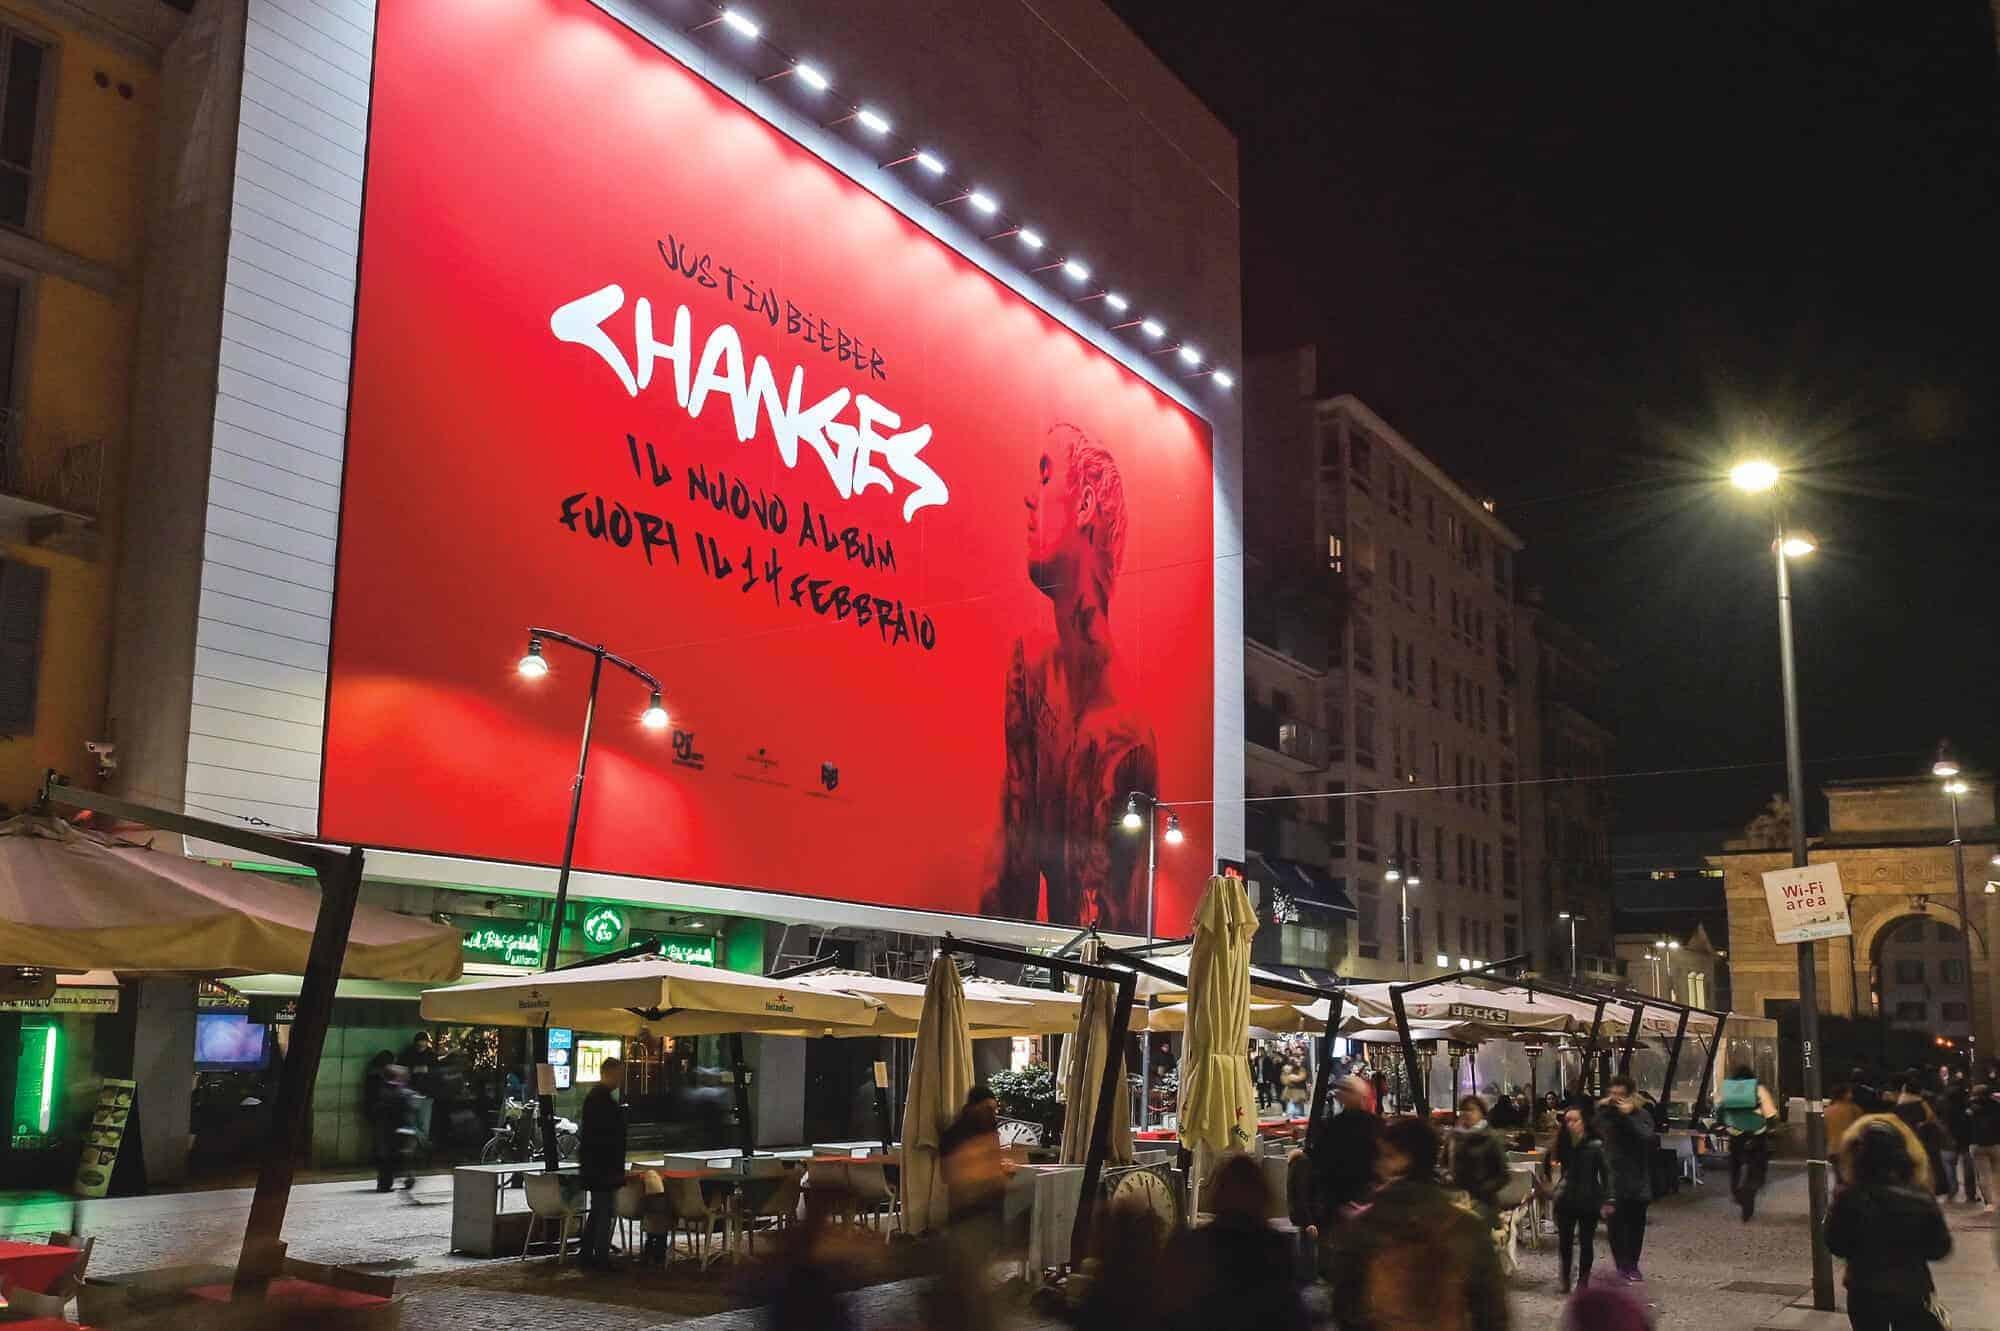 Maxi affissione Streetvox in Corso Como 6 a Milano di Justin Bieber (music)